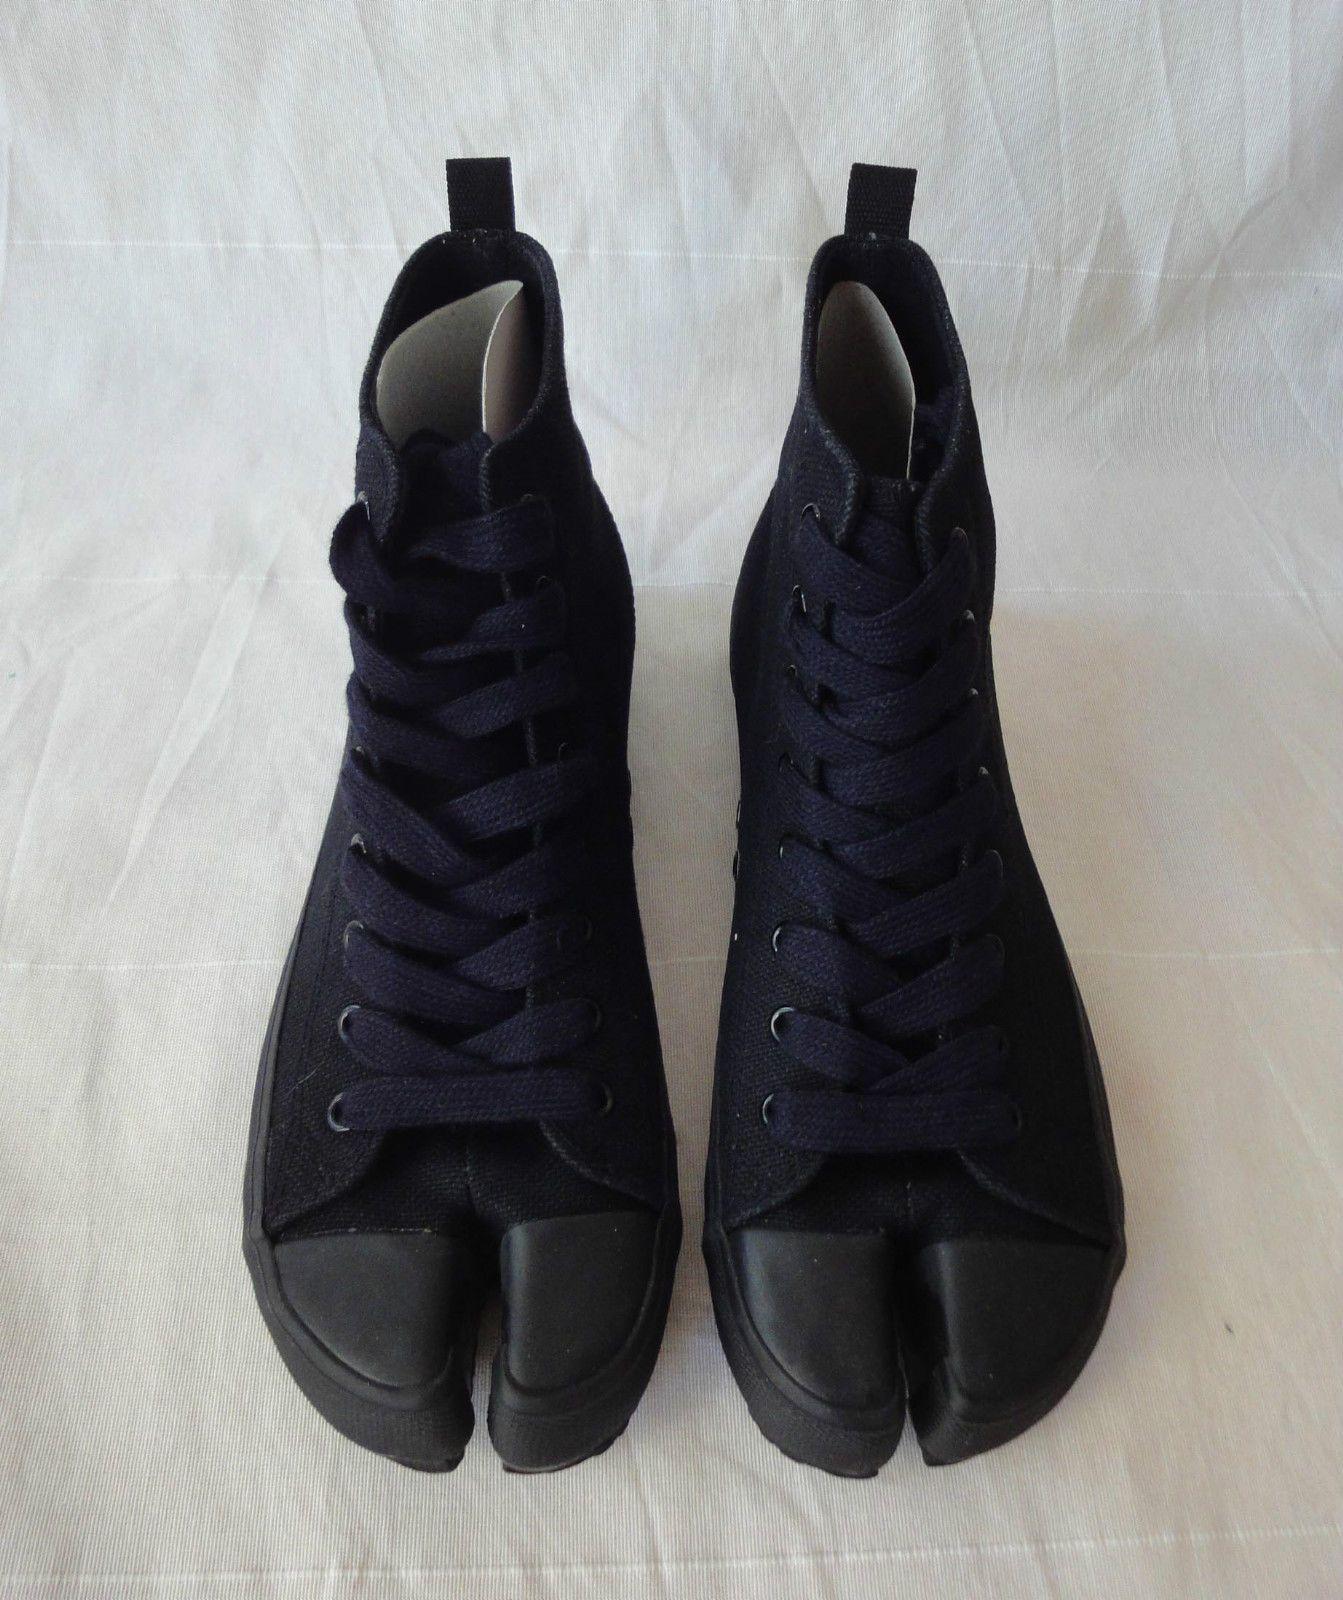 Margiela Tabi Sneakers  3749ea1f52af